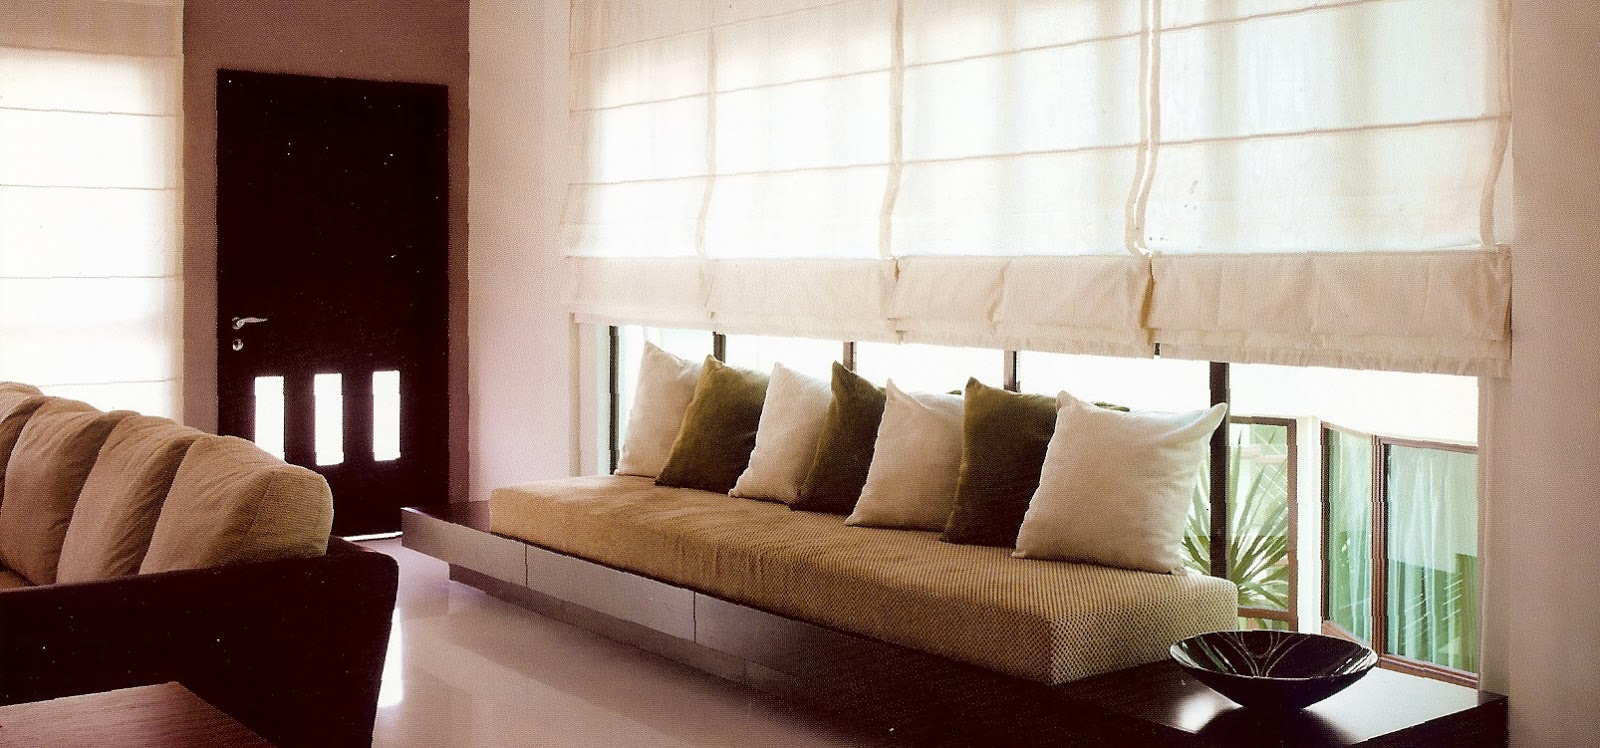 Decoracion interior cortinas verticales estores - Cortinas con estores ...